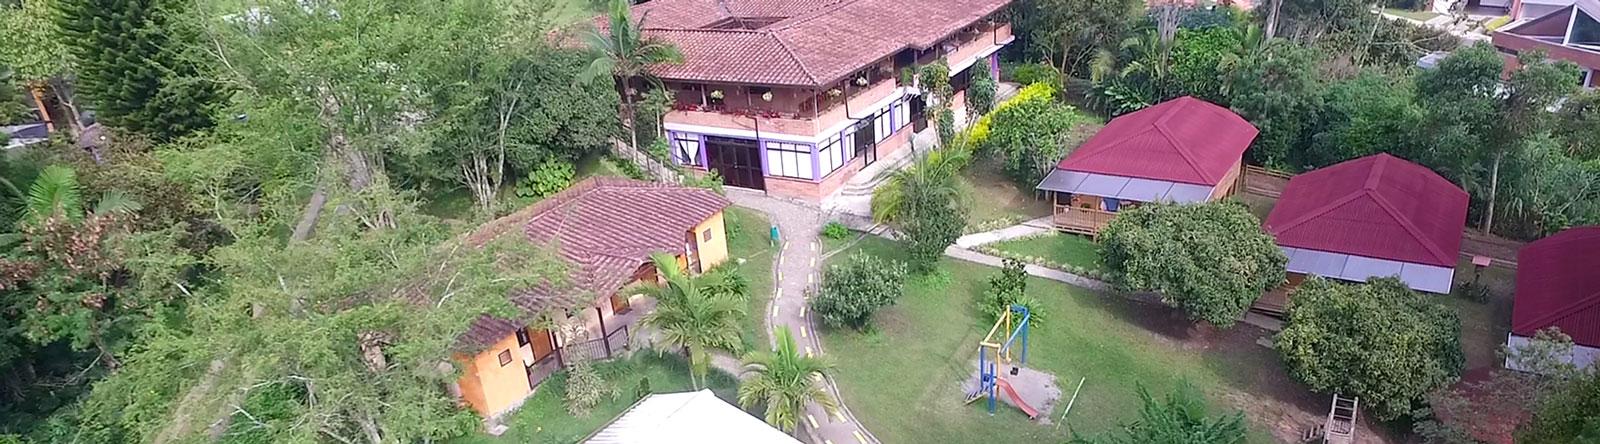 Colegio Rudolf Steiner